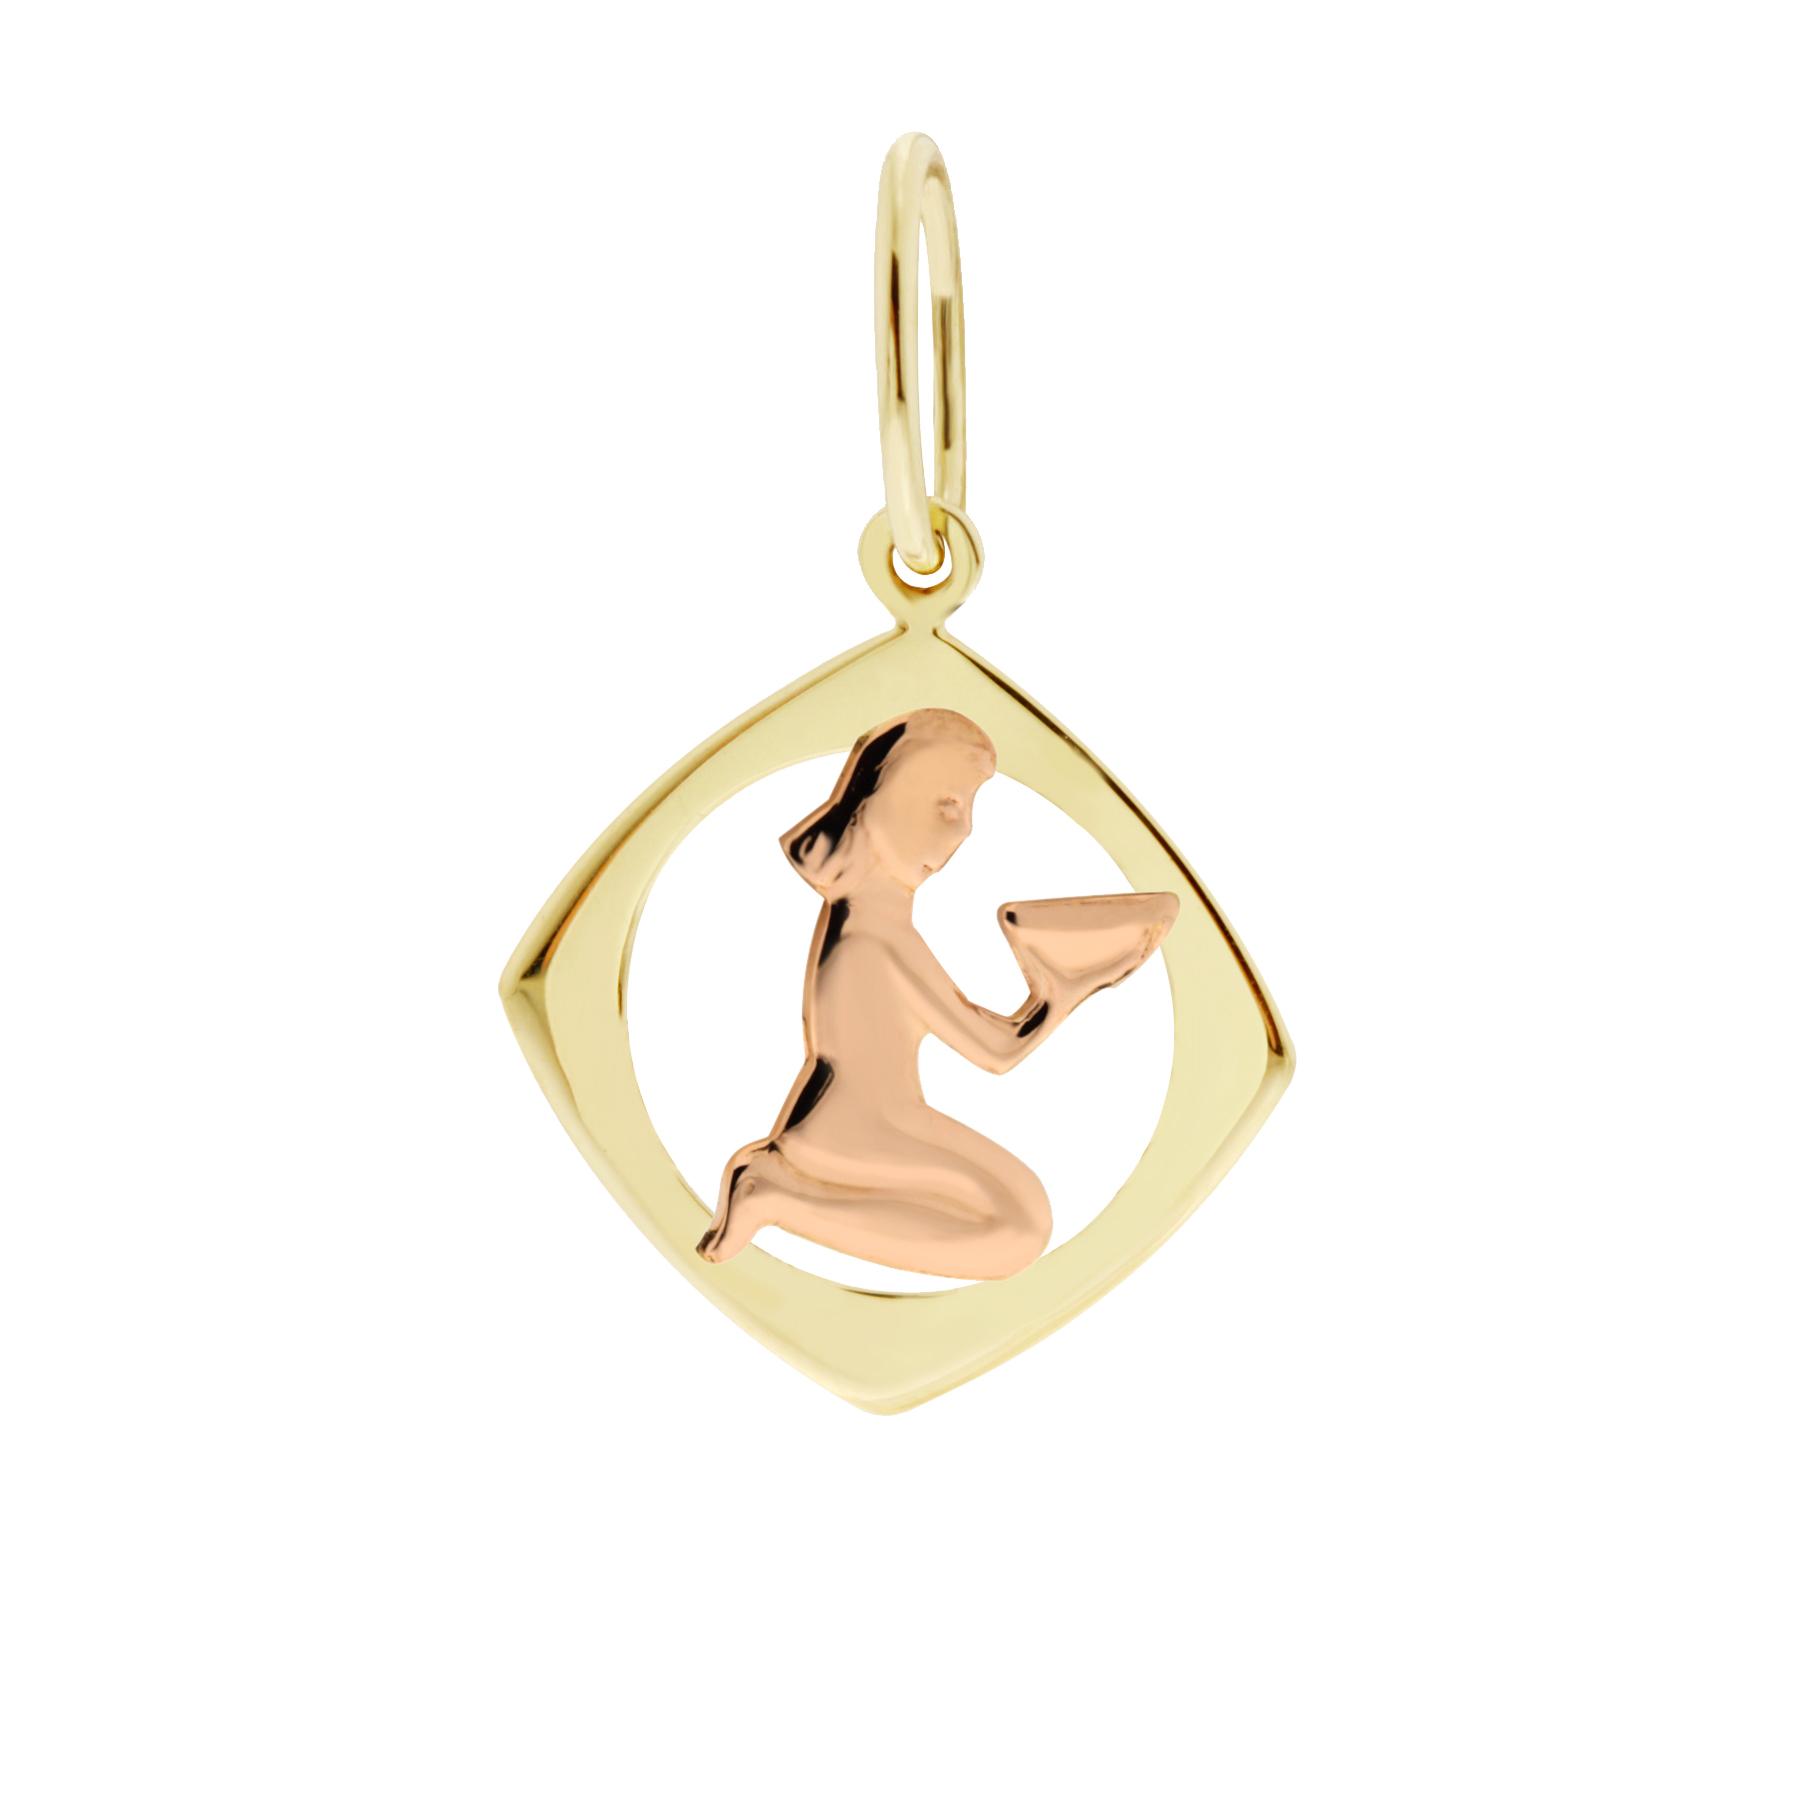 Zlatý přívěsek - znamení zvěrokruhu Panna Tvar: Čtvereček, hladký rámeček